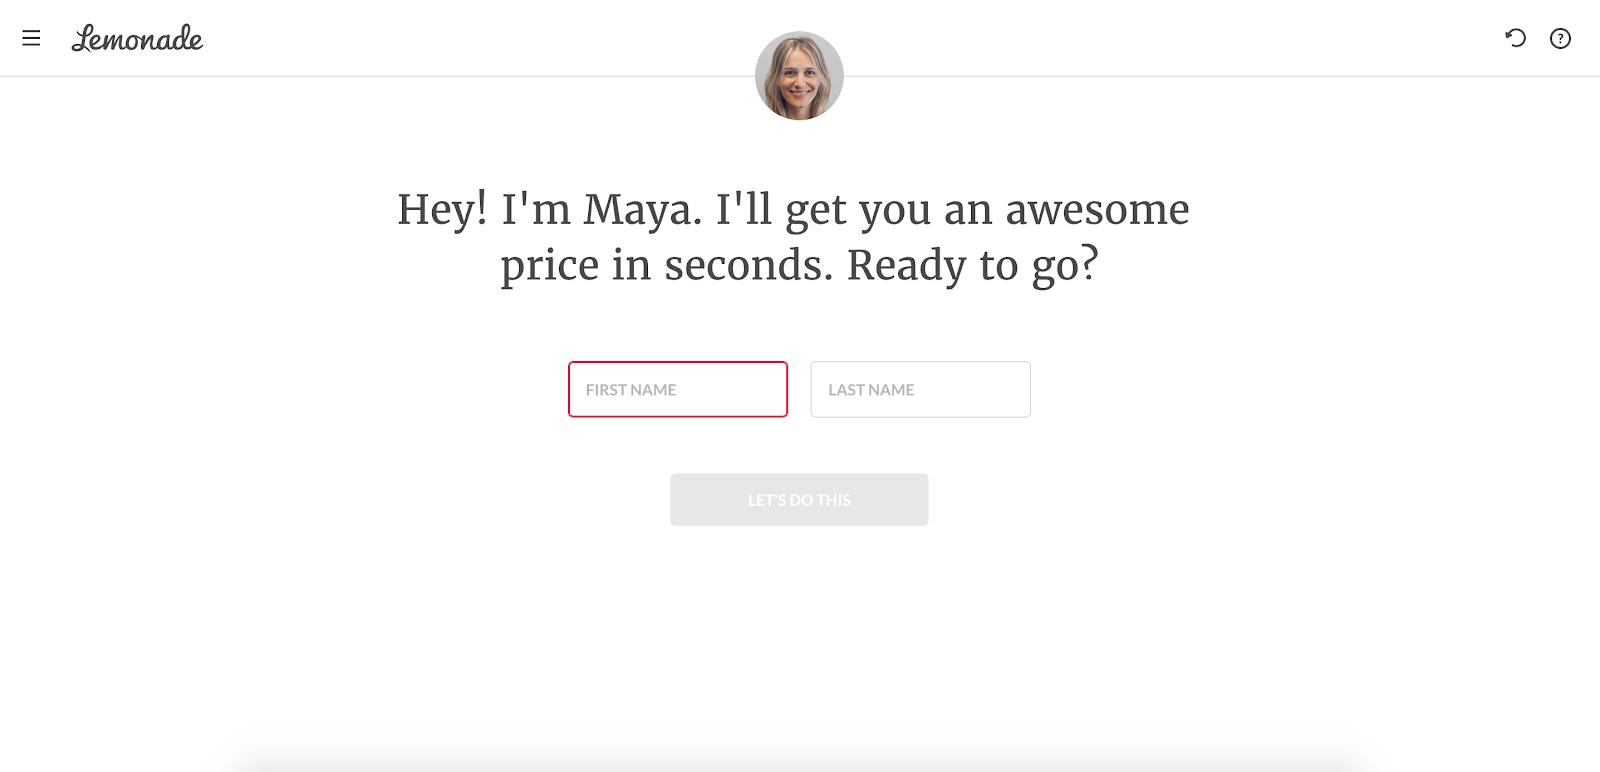 Lemonade chatbot Maya